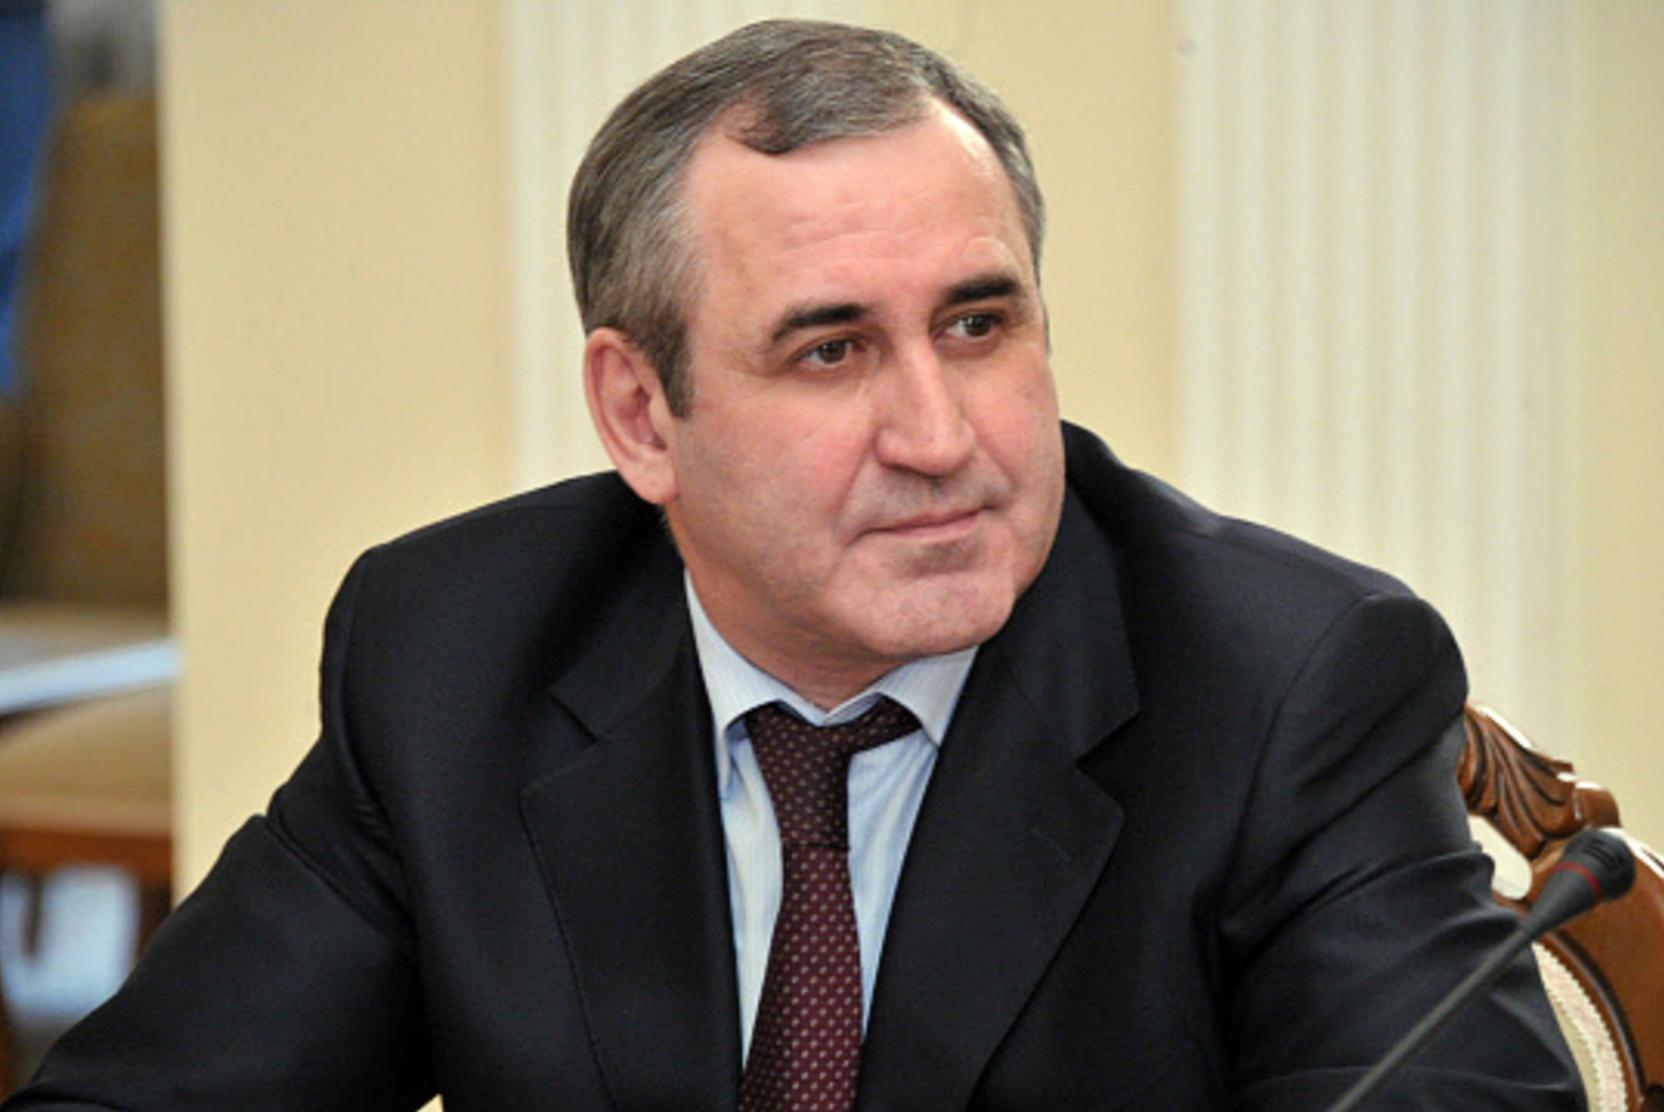 Неверов призвал на 23 февраля возложить цветы к мемориалам вместо митингов